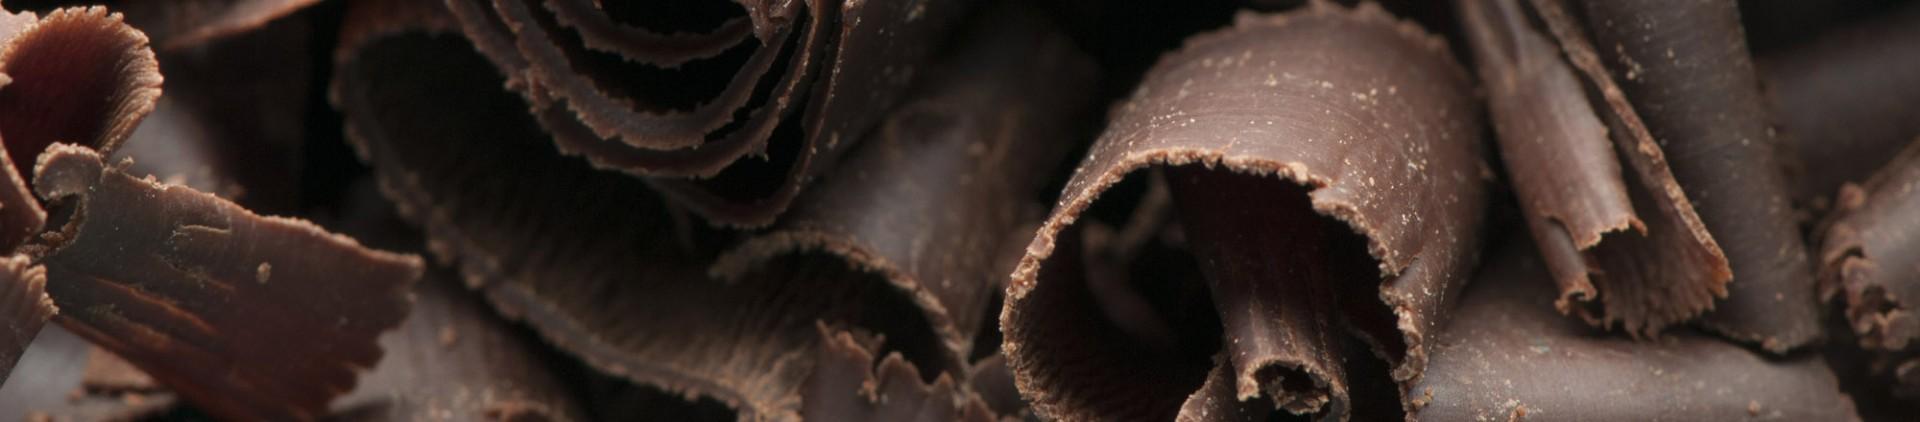 Route du chocolat en province de Liège